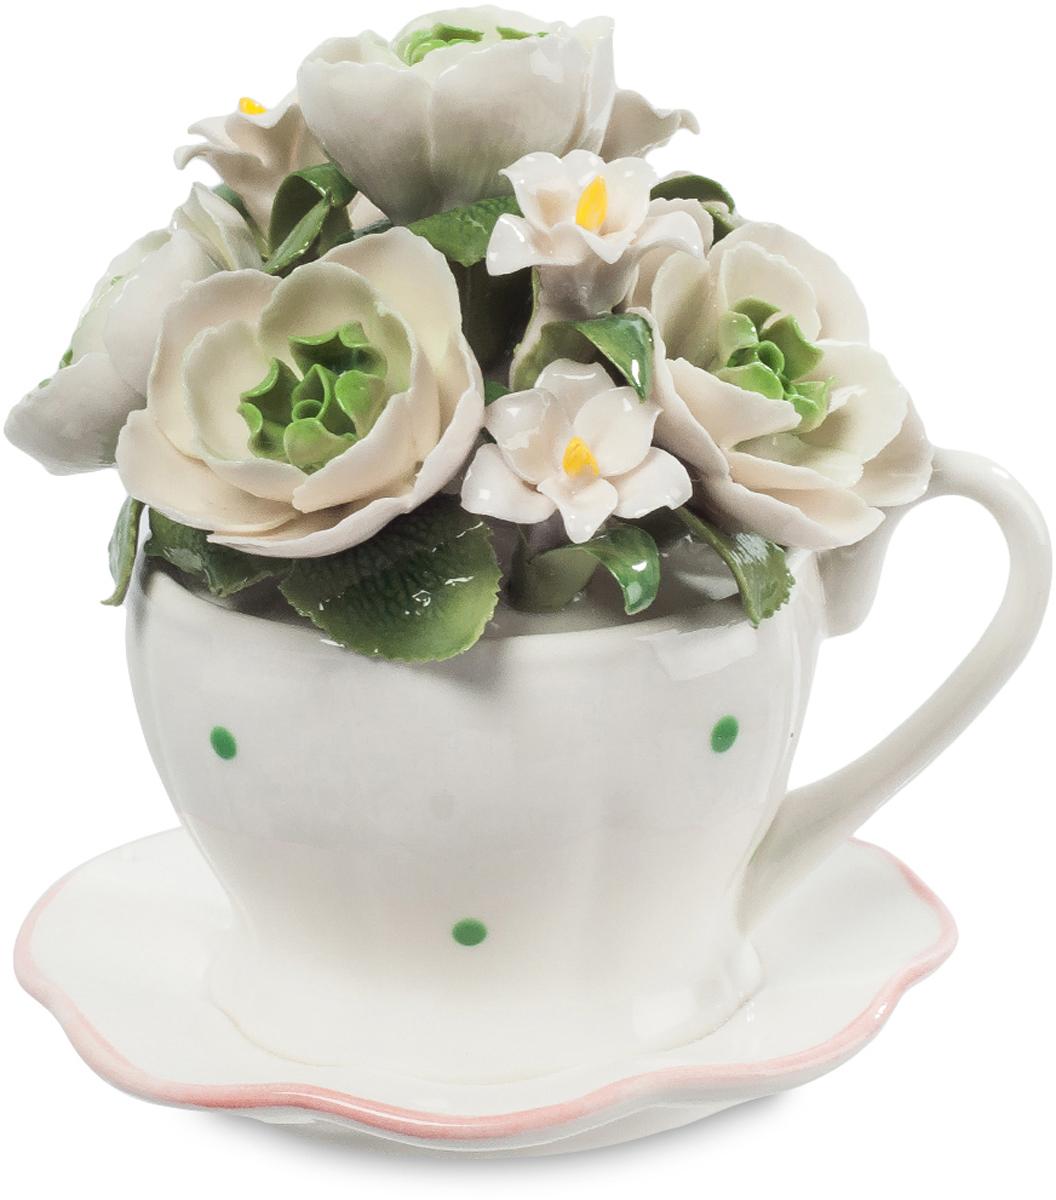 Музыкальная композиция Pavone Чашка с цветами. CMS-33/71CMS-33/71Музыкальная композиция Чашка с цветами (Pavone) Почему считается, что цветы в вазе должны быть на длинных ножках? Мода такая, что ли? Да, это красиво, но не значит, что коротко срезанные цветы на маленьких стебельках не могут быть украшением праздничного стола. Вот эти ослепительно белые цветы поставили в обычную чашку для чая, она тоже белая, и редкие зеленые точечки перекликаются с зеленью листьев. Вот так, буквально из подручных средств, можно создать композицию изумительной красоты. Поставьте ее на стол, накрытый для праздничного обеда, и она всем поднимет настроение, напомнив о поре буйного цветения.